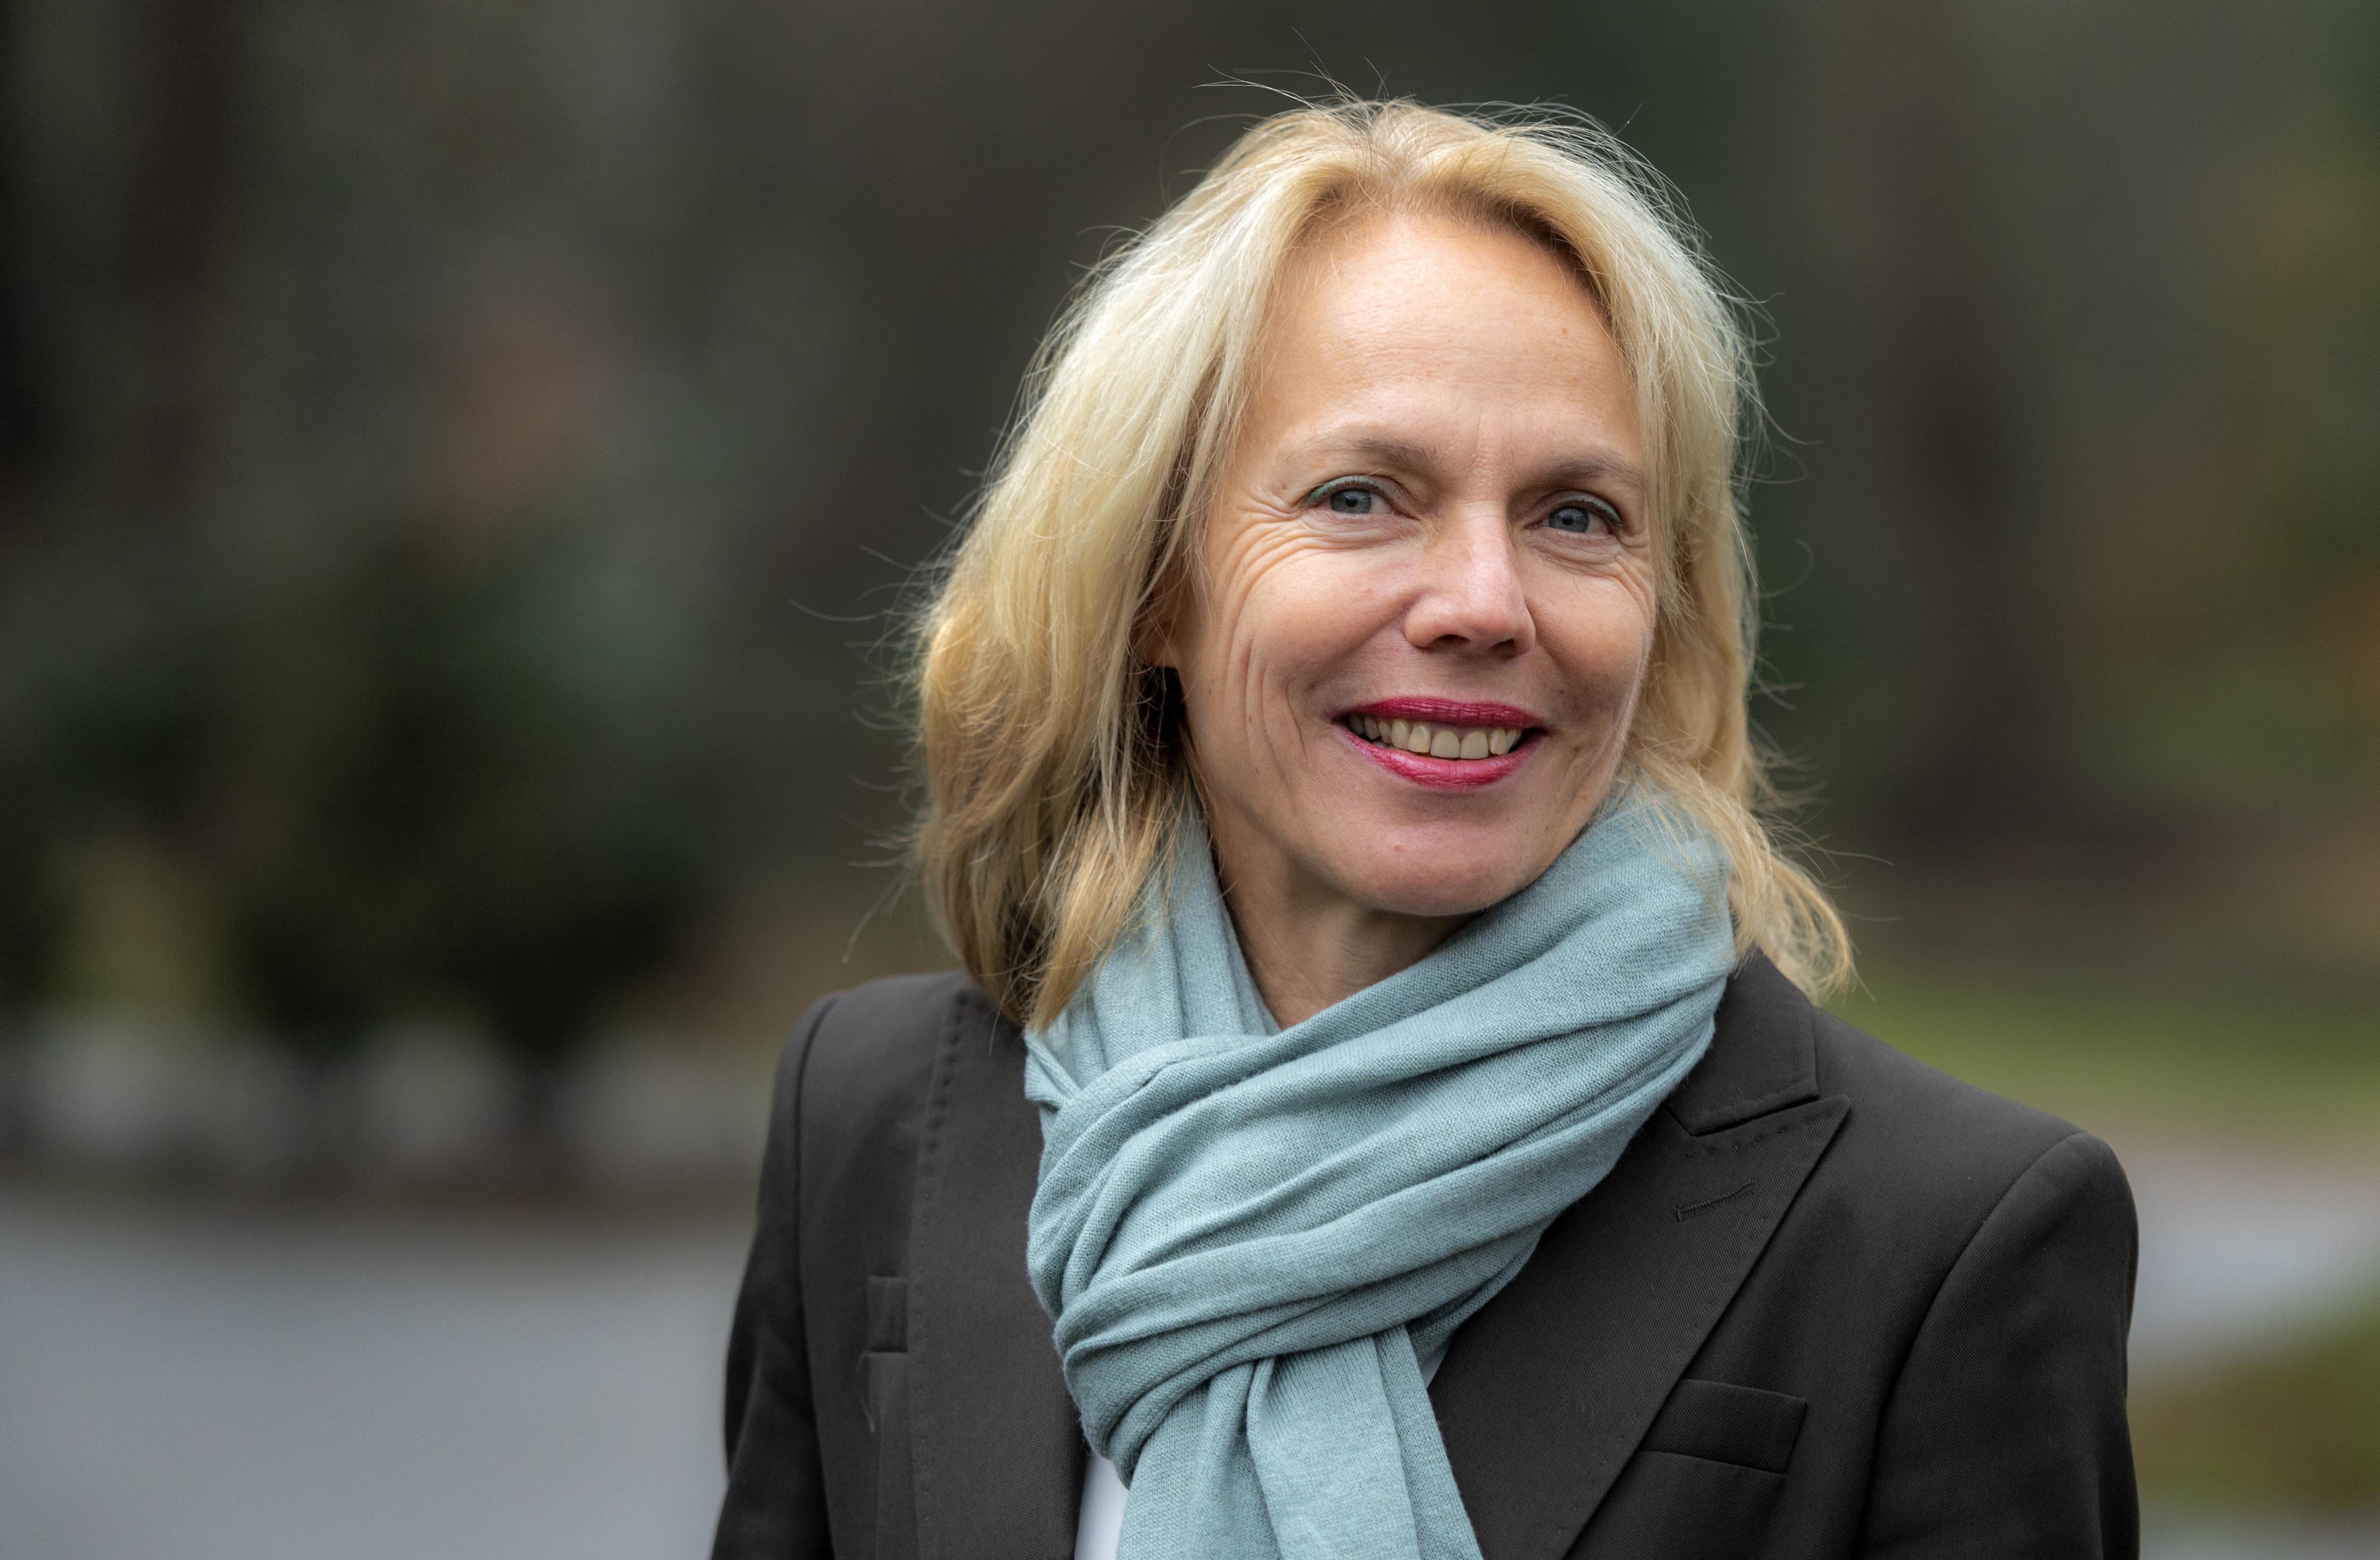 Desiree Sollewijn Gelpke, nieuwe bestuurder Hartekamp Groep: 'Ik merk dat personeel moe wordt en behoefte heeft aan waardering'